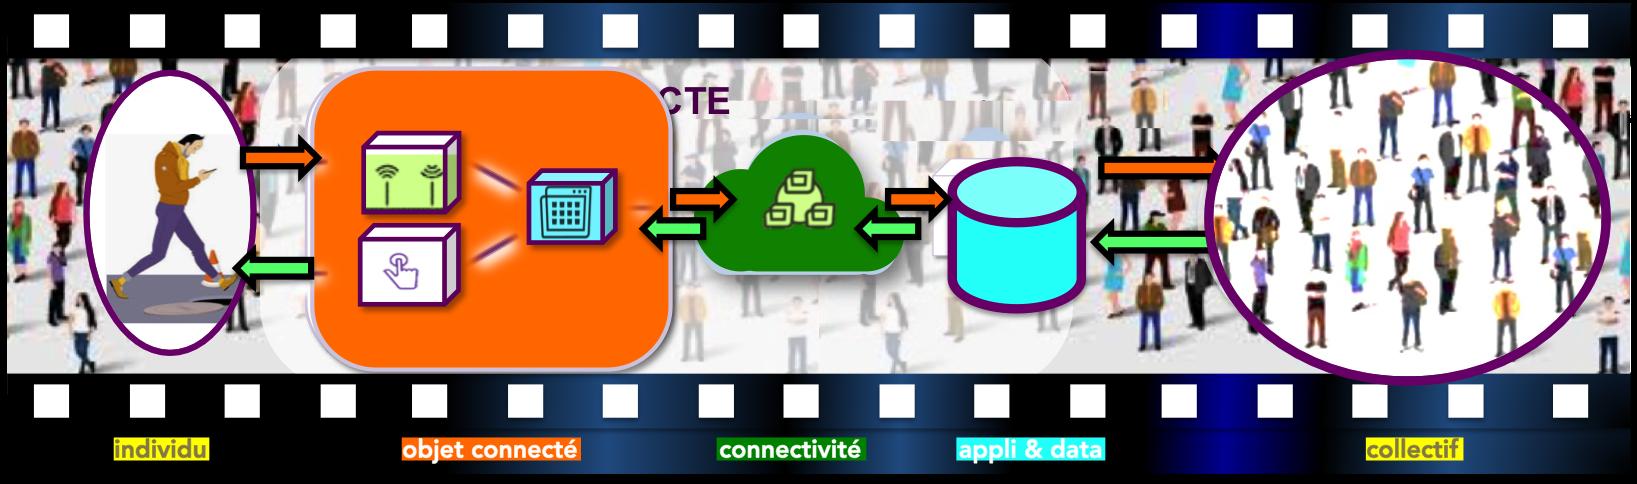 Situations d'usage des objets connectés, de l'objet connecté capable d'observer et de modifier son environnement au collectif qui contribue à l'amélioration de ces usages en passant par l'opérateur de service qui collecte, traite et optimise nos donn